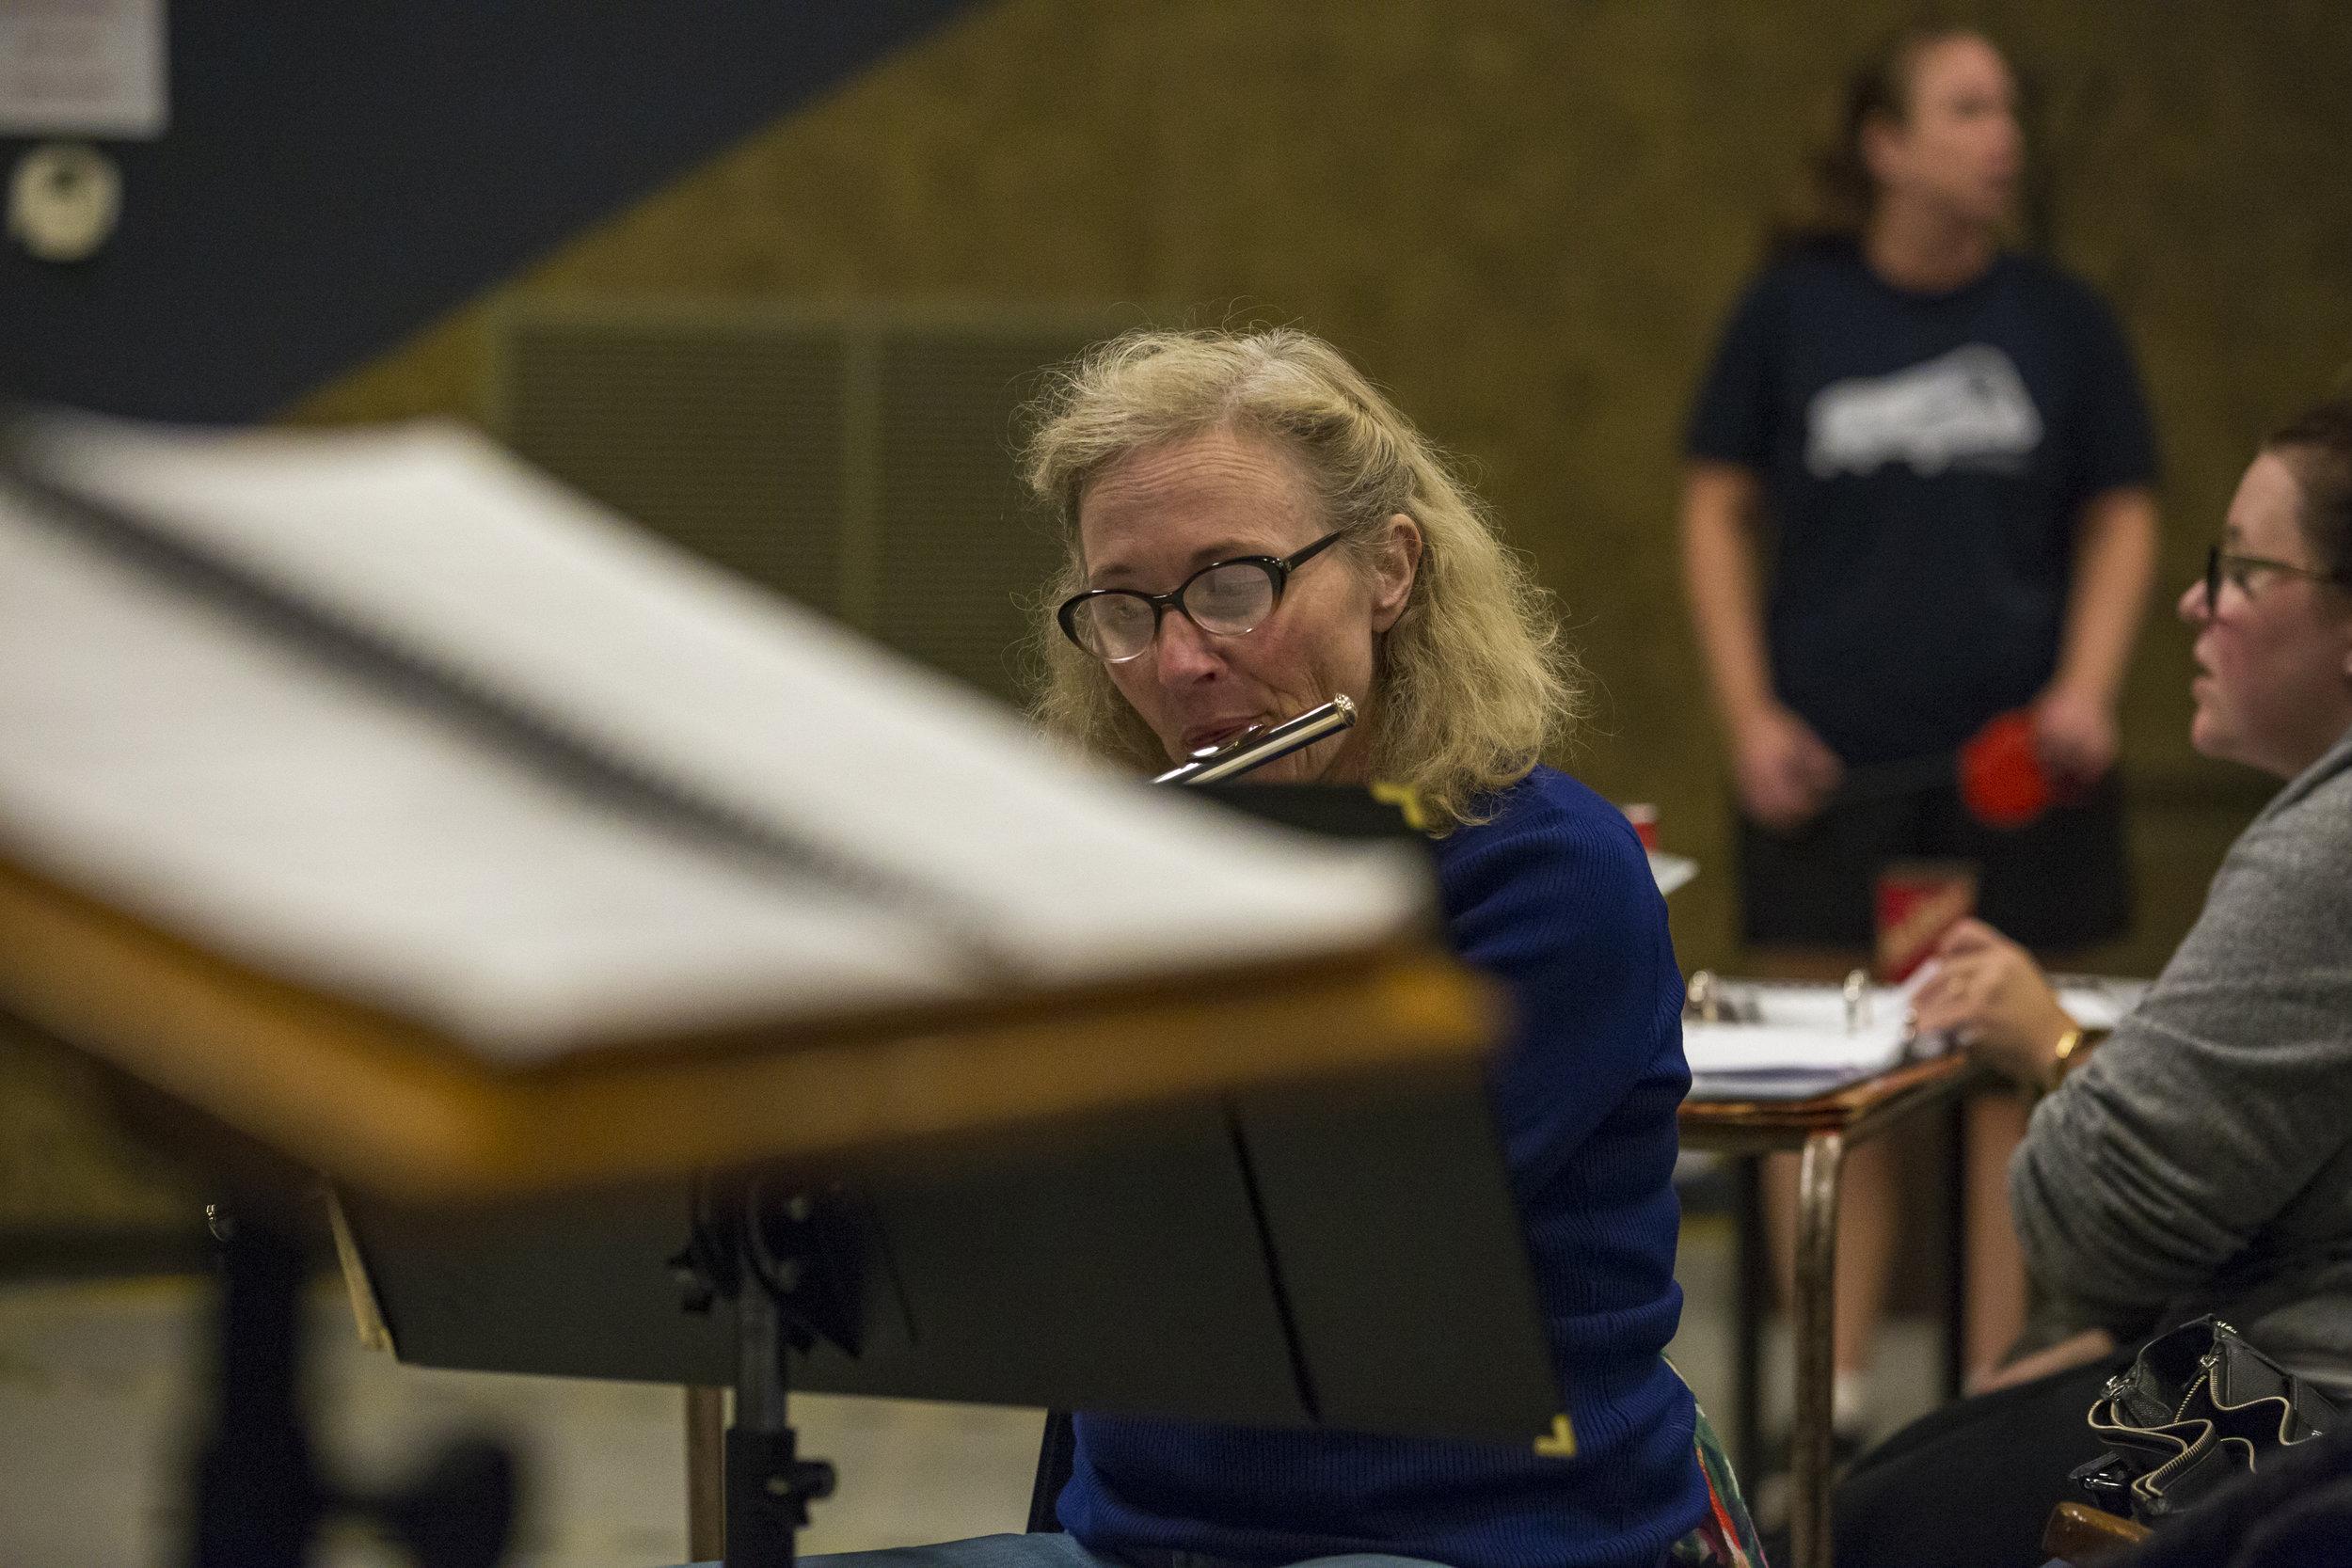 Mary Poppins - Streetlight Theatre Company - Rehearsal Shoot #2 - 23 Sep '18 - 073.JPG